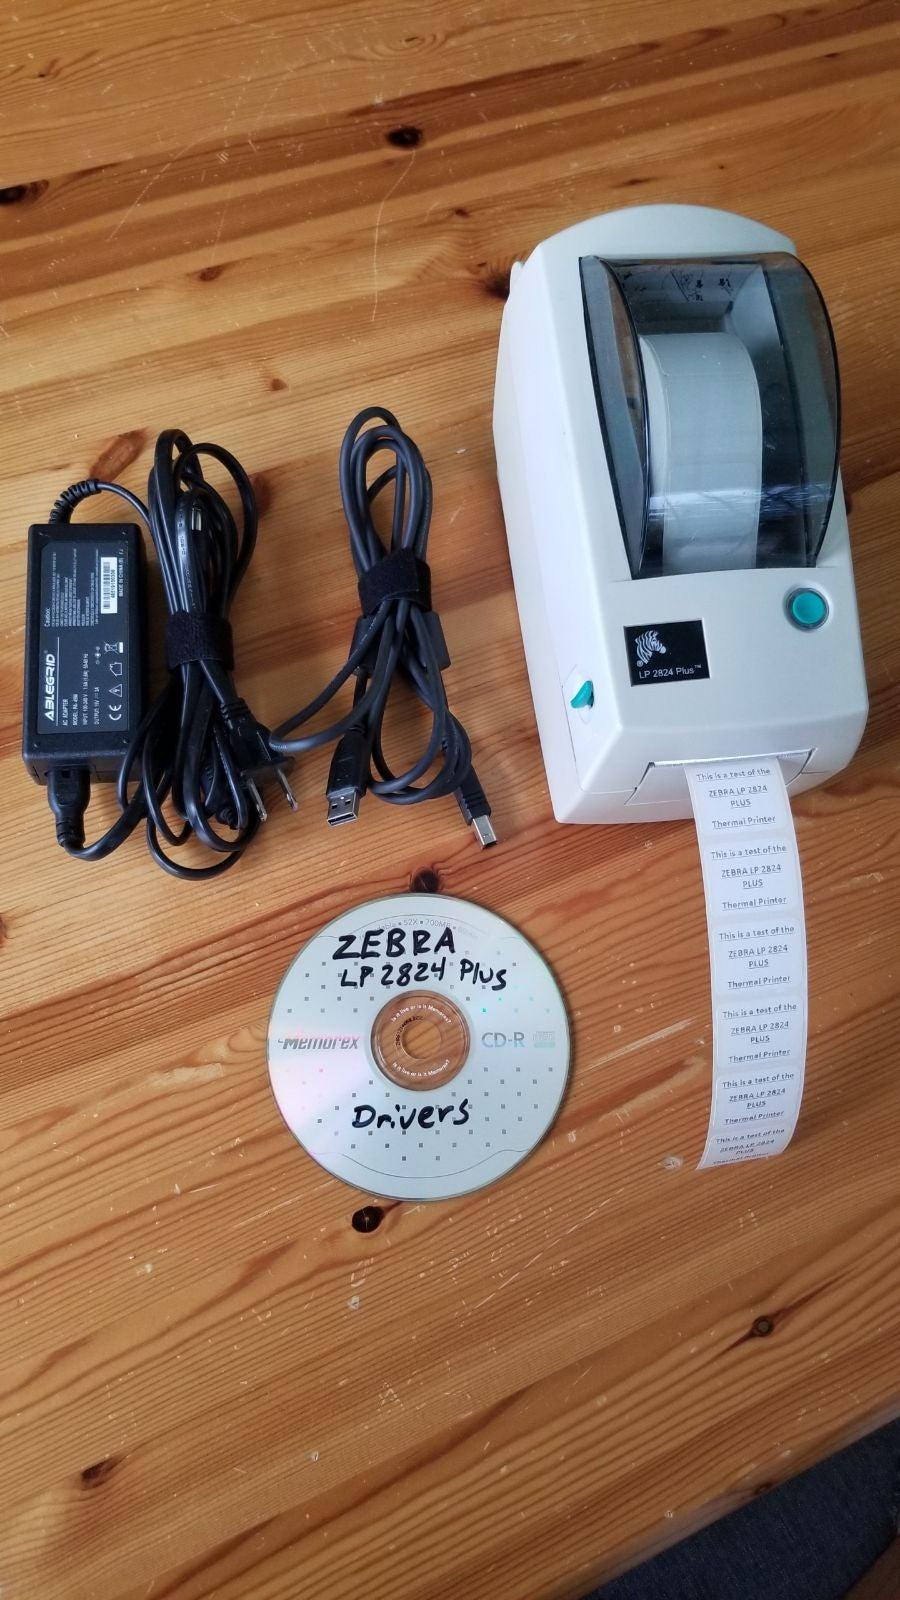 Zebra LP 2824 Plus Thermal Label Printer